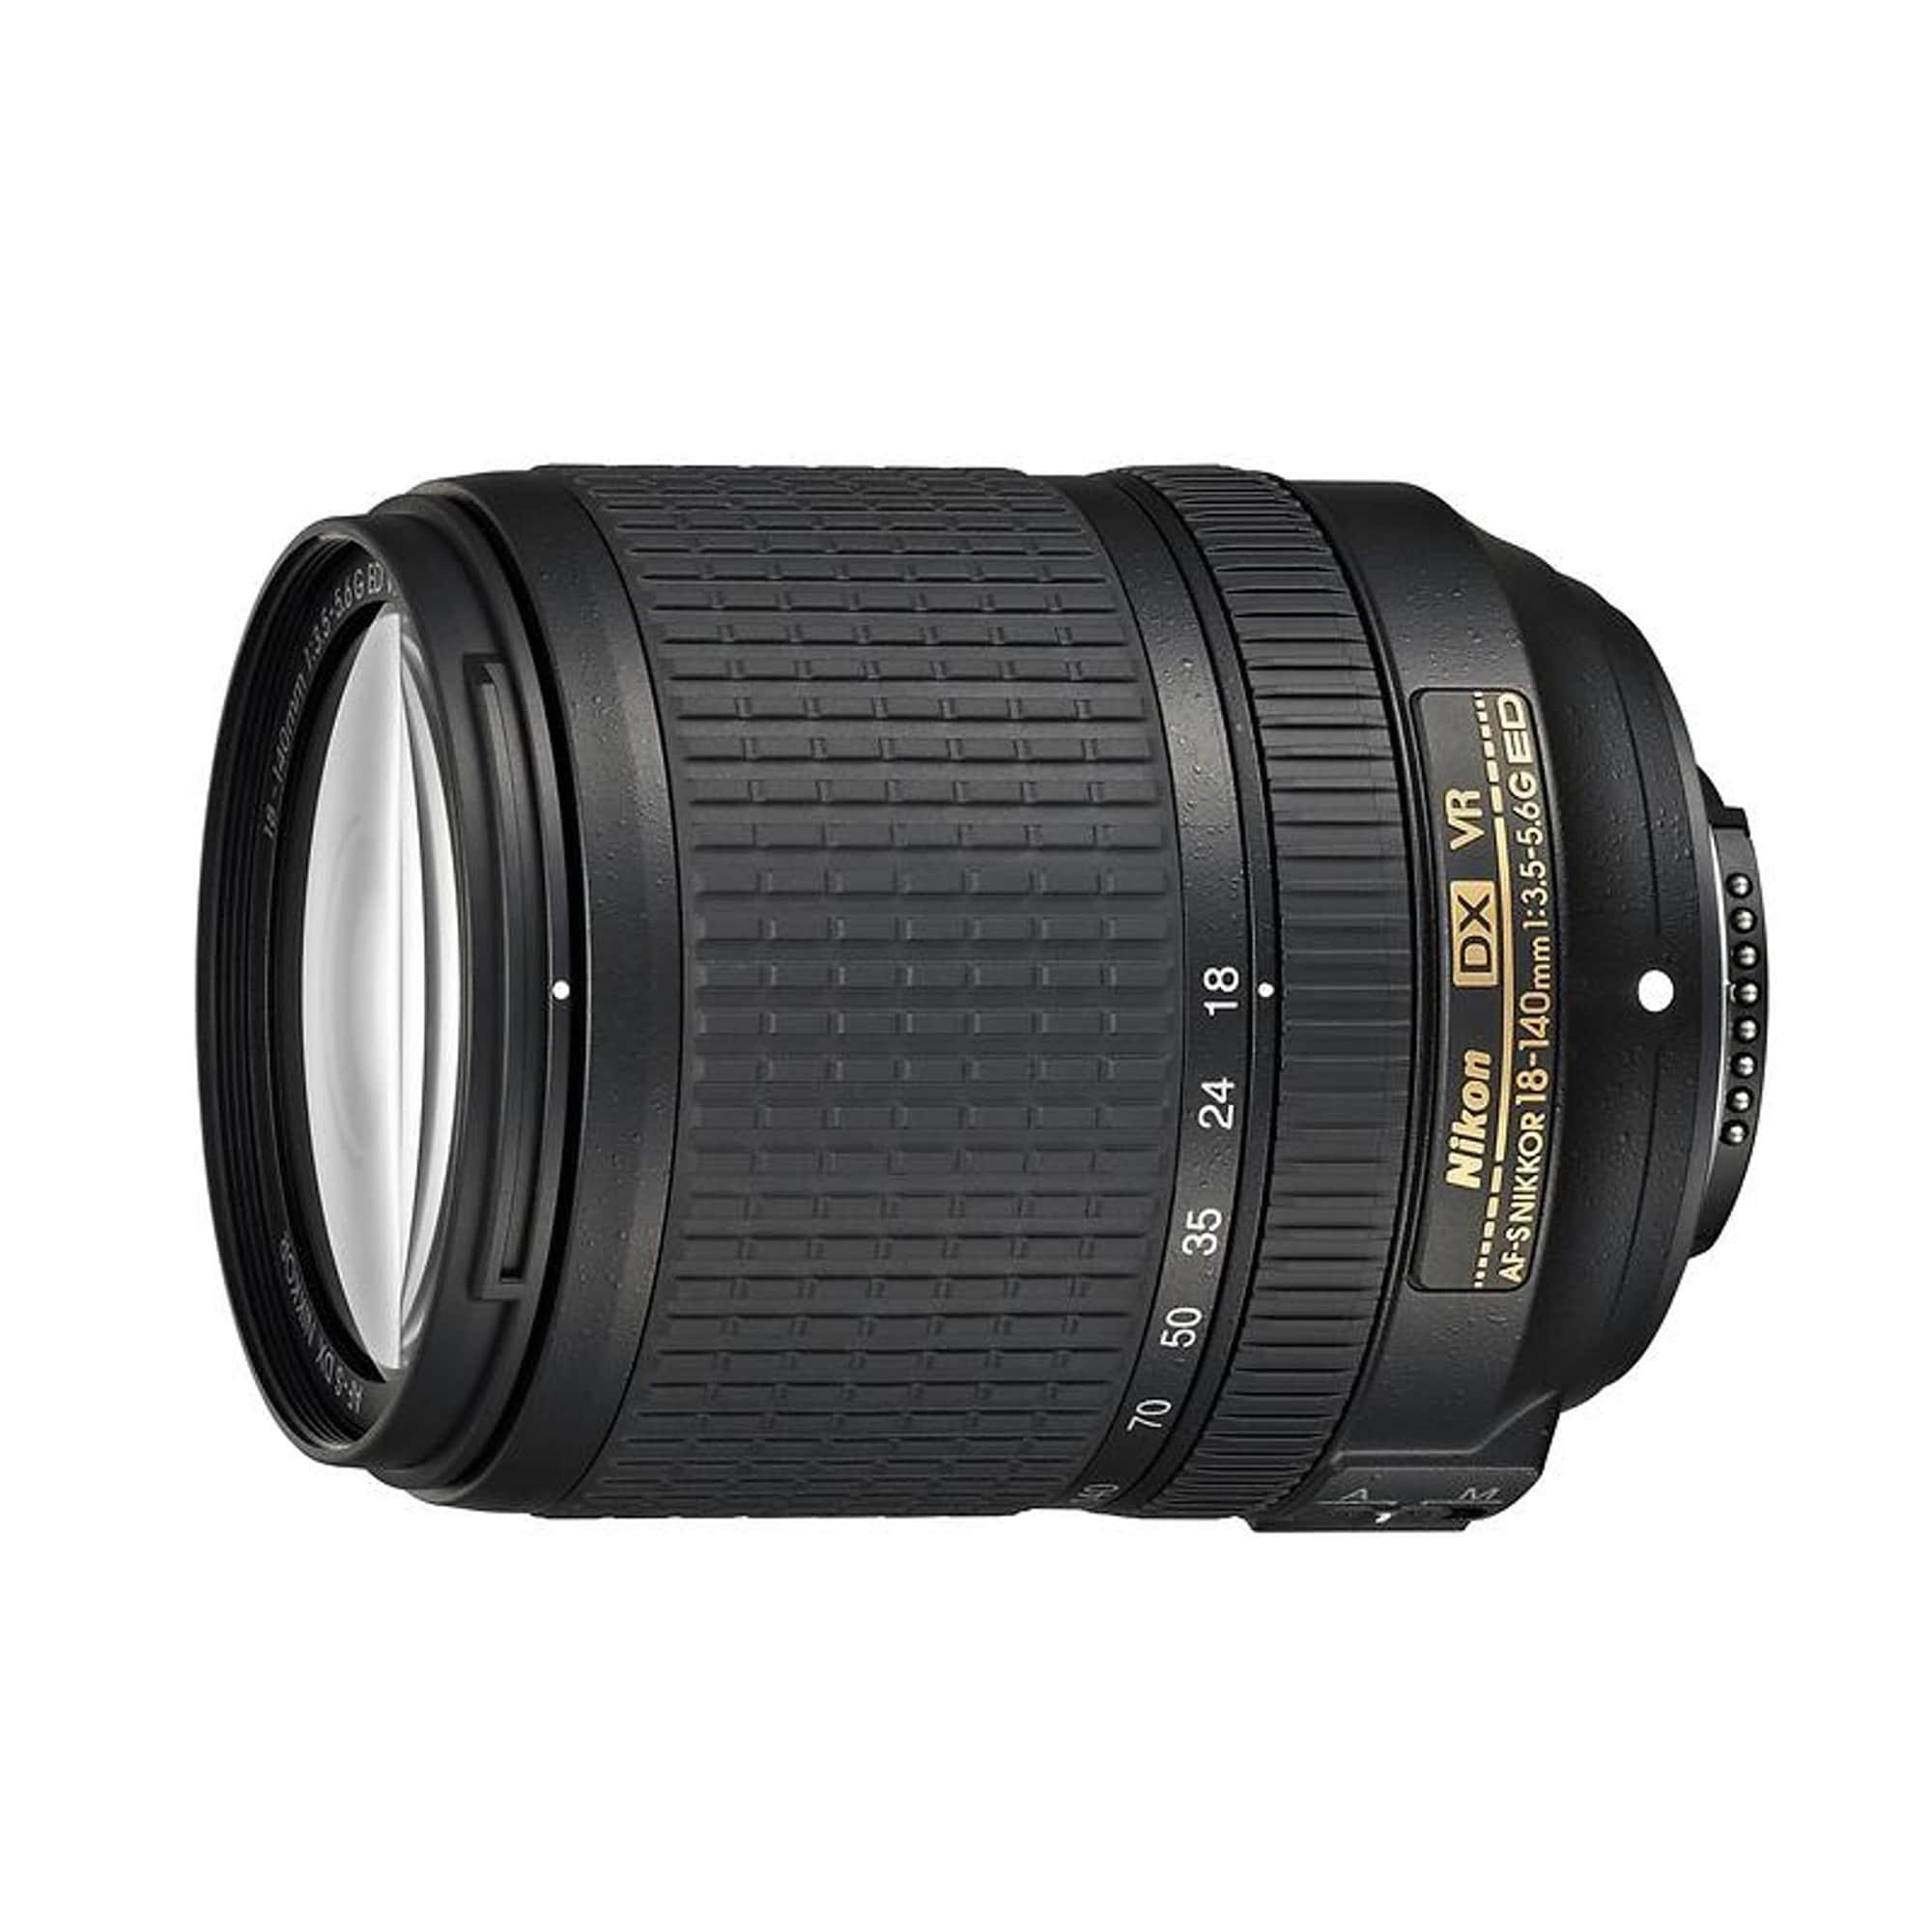 NIkon AF-S DX VR G 18-140mm f/3,5-5,6 - DEMO EX